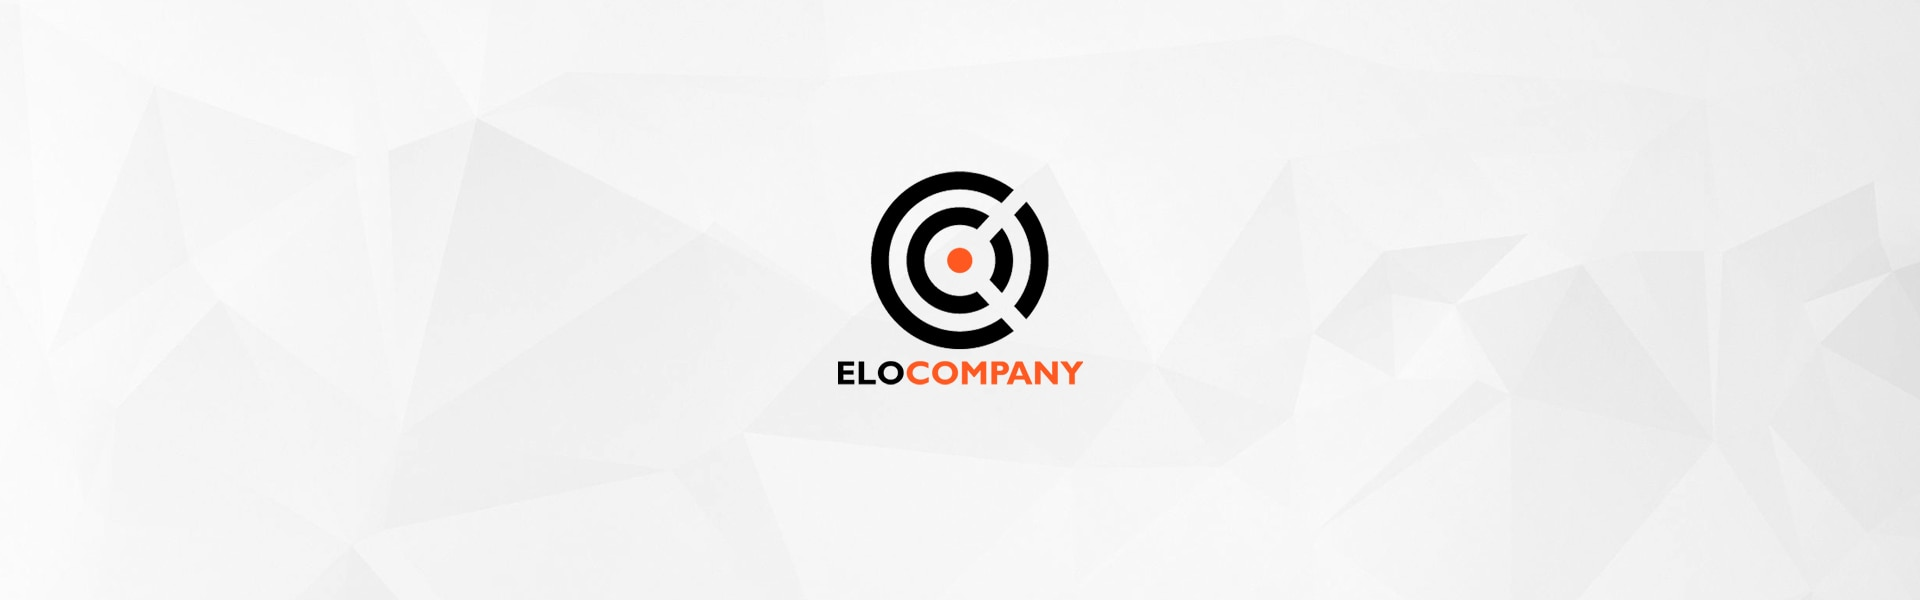 Elo Company